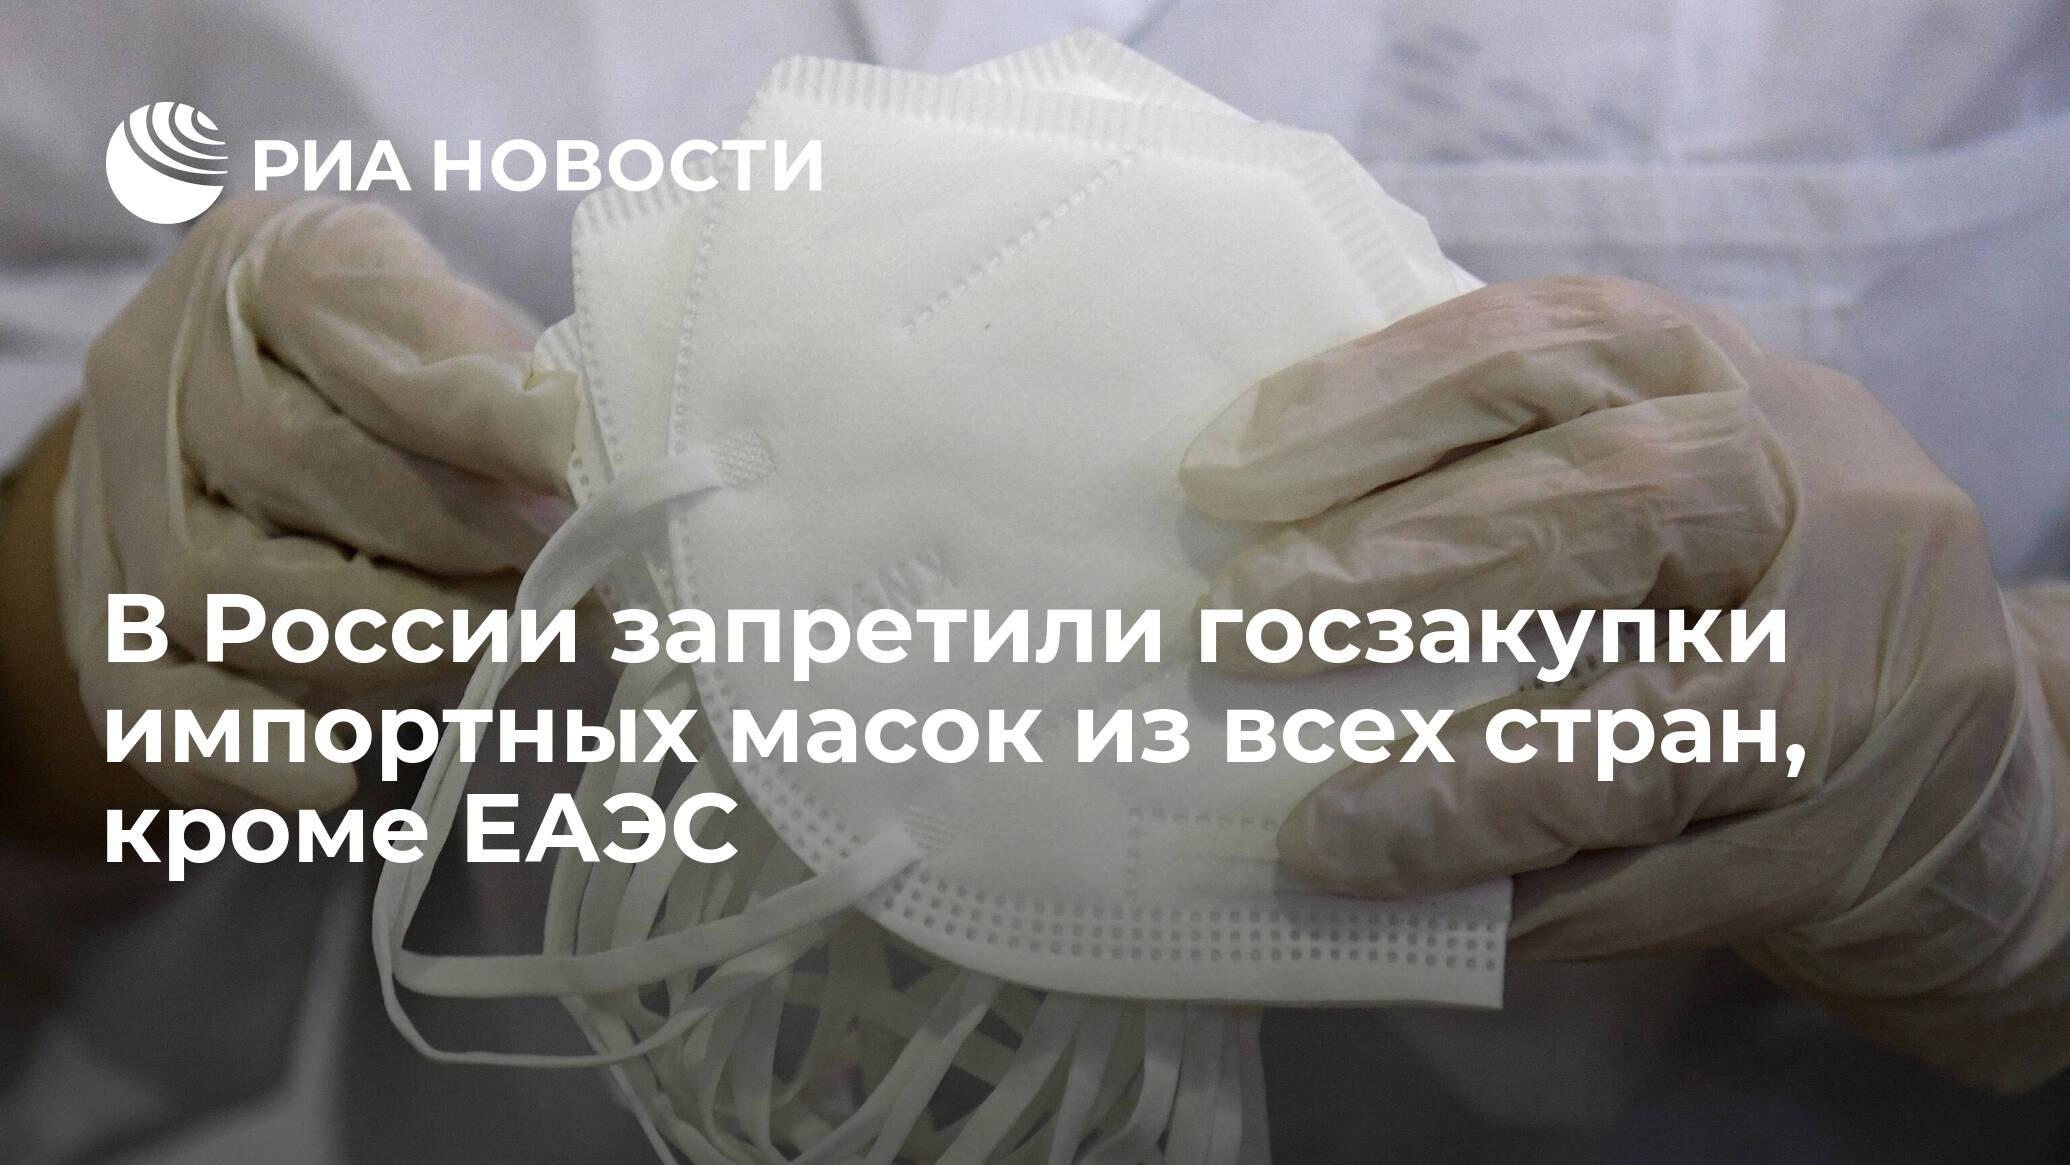 В России запретили госзакупках импортных масок из всех стран, кроме ЕАЭС